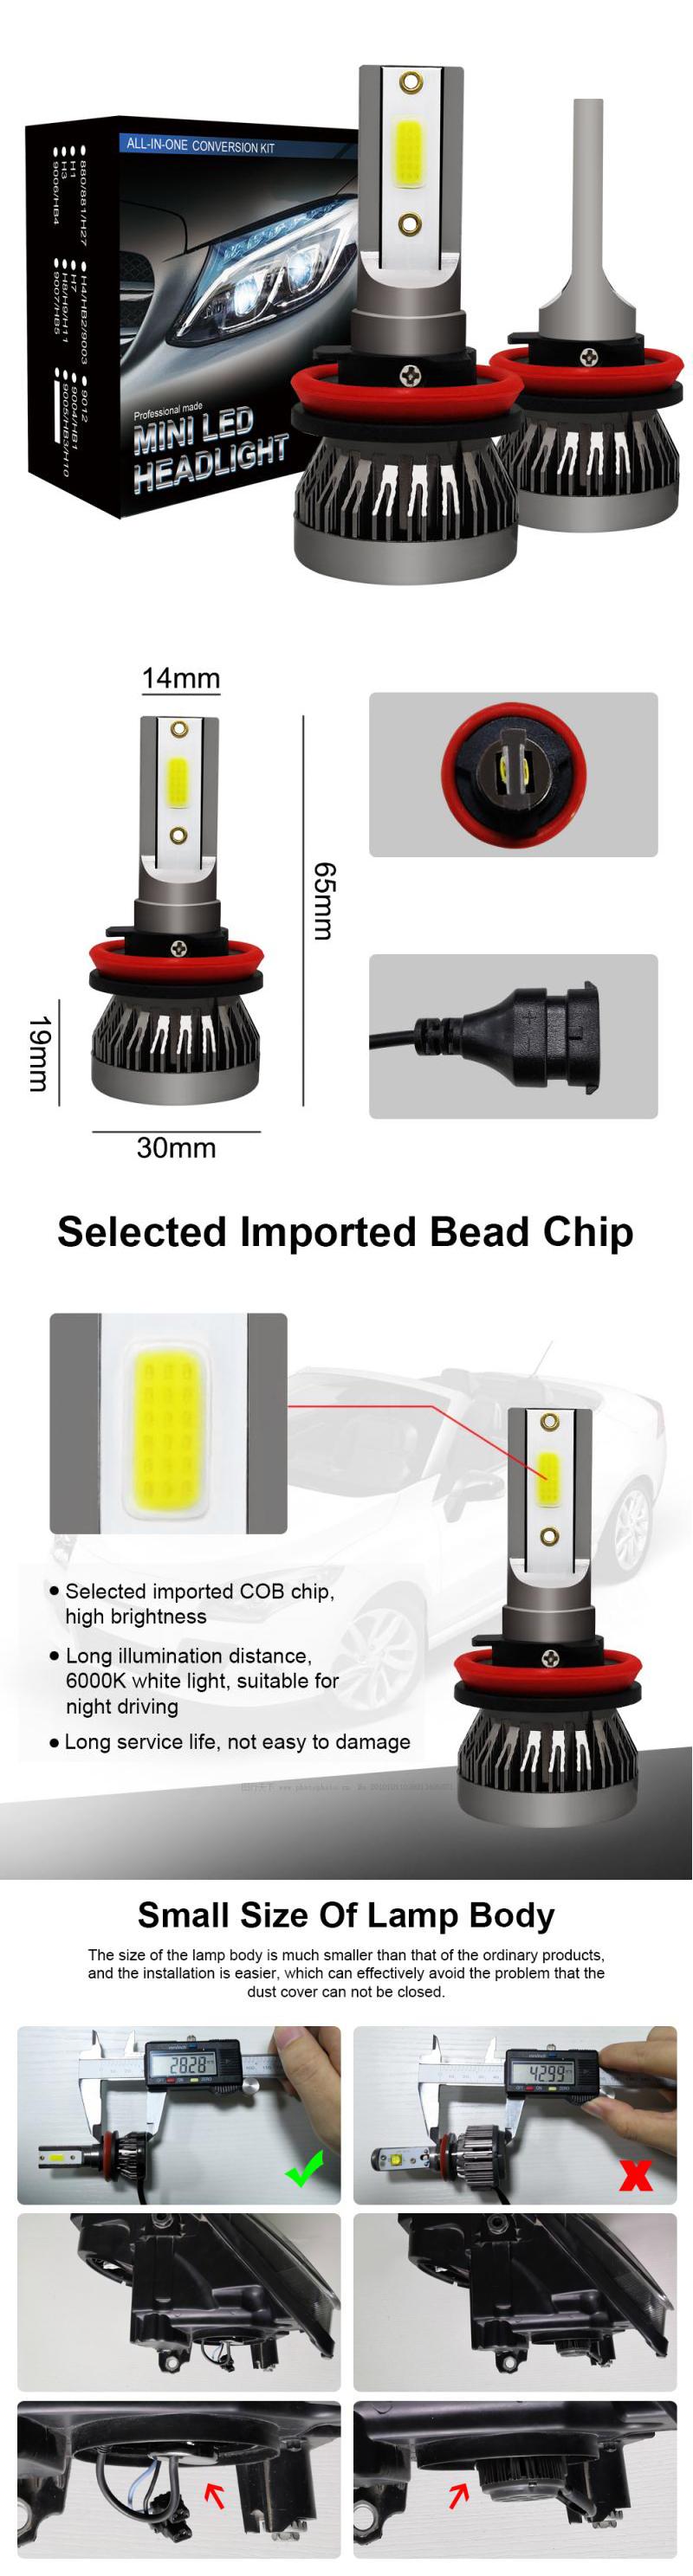 Düşük fiyat 5000LM araba Led far lambaları h1 h3 h7 h8/h9/h11 9005 9006 880 881 DC 12 24V oto araba için led far